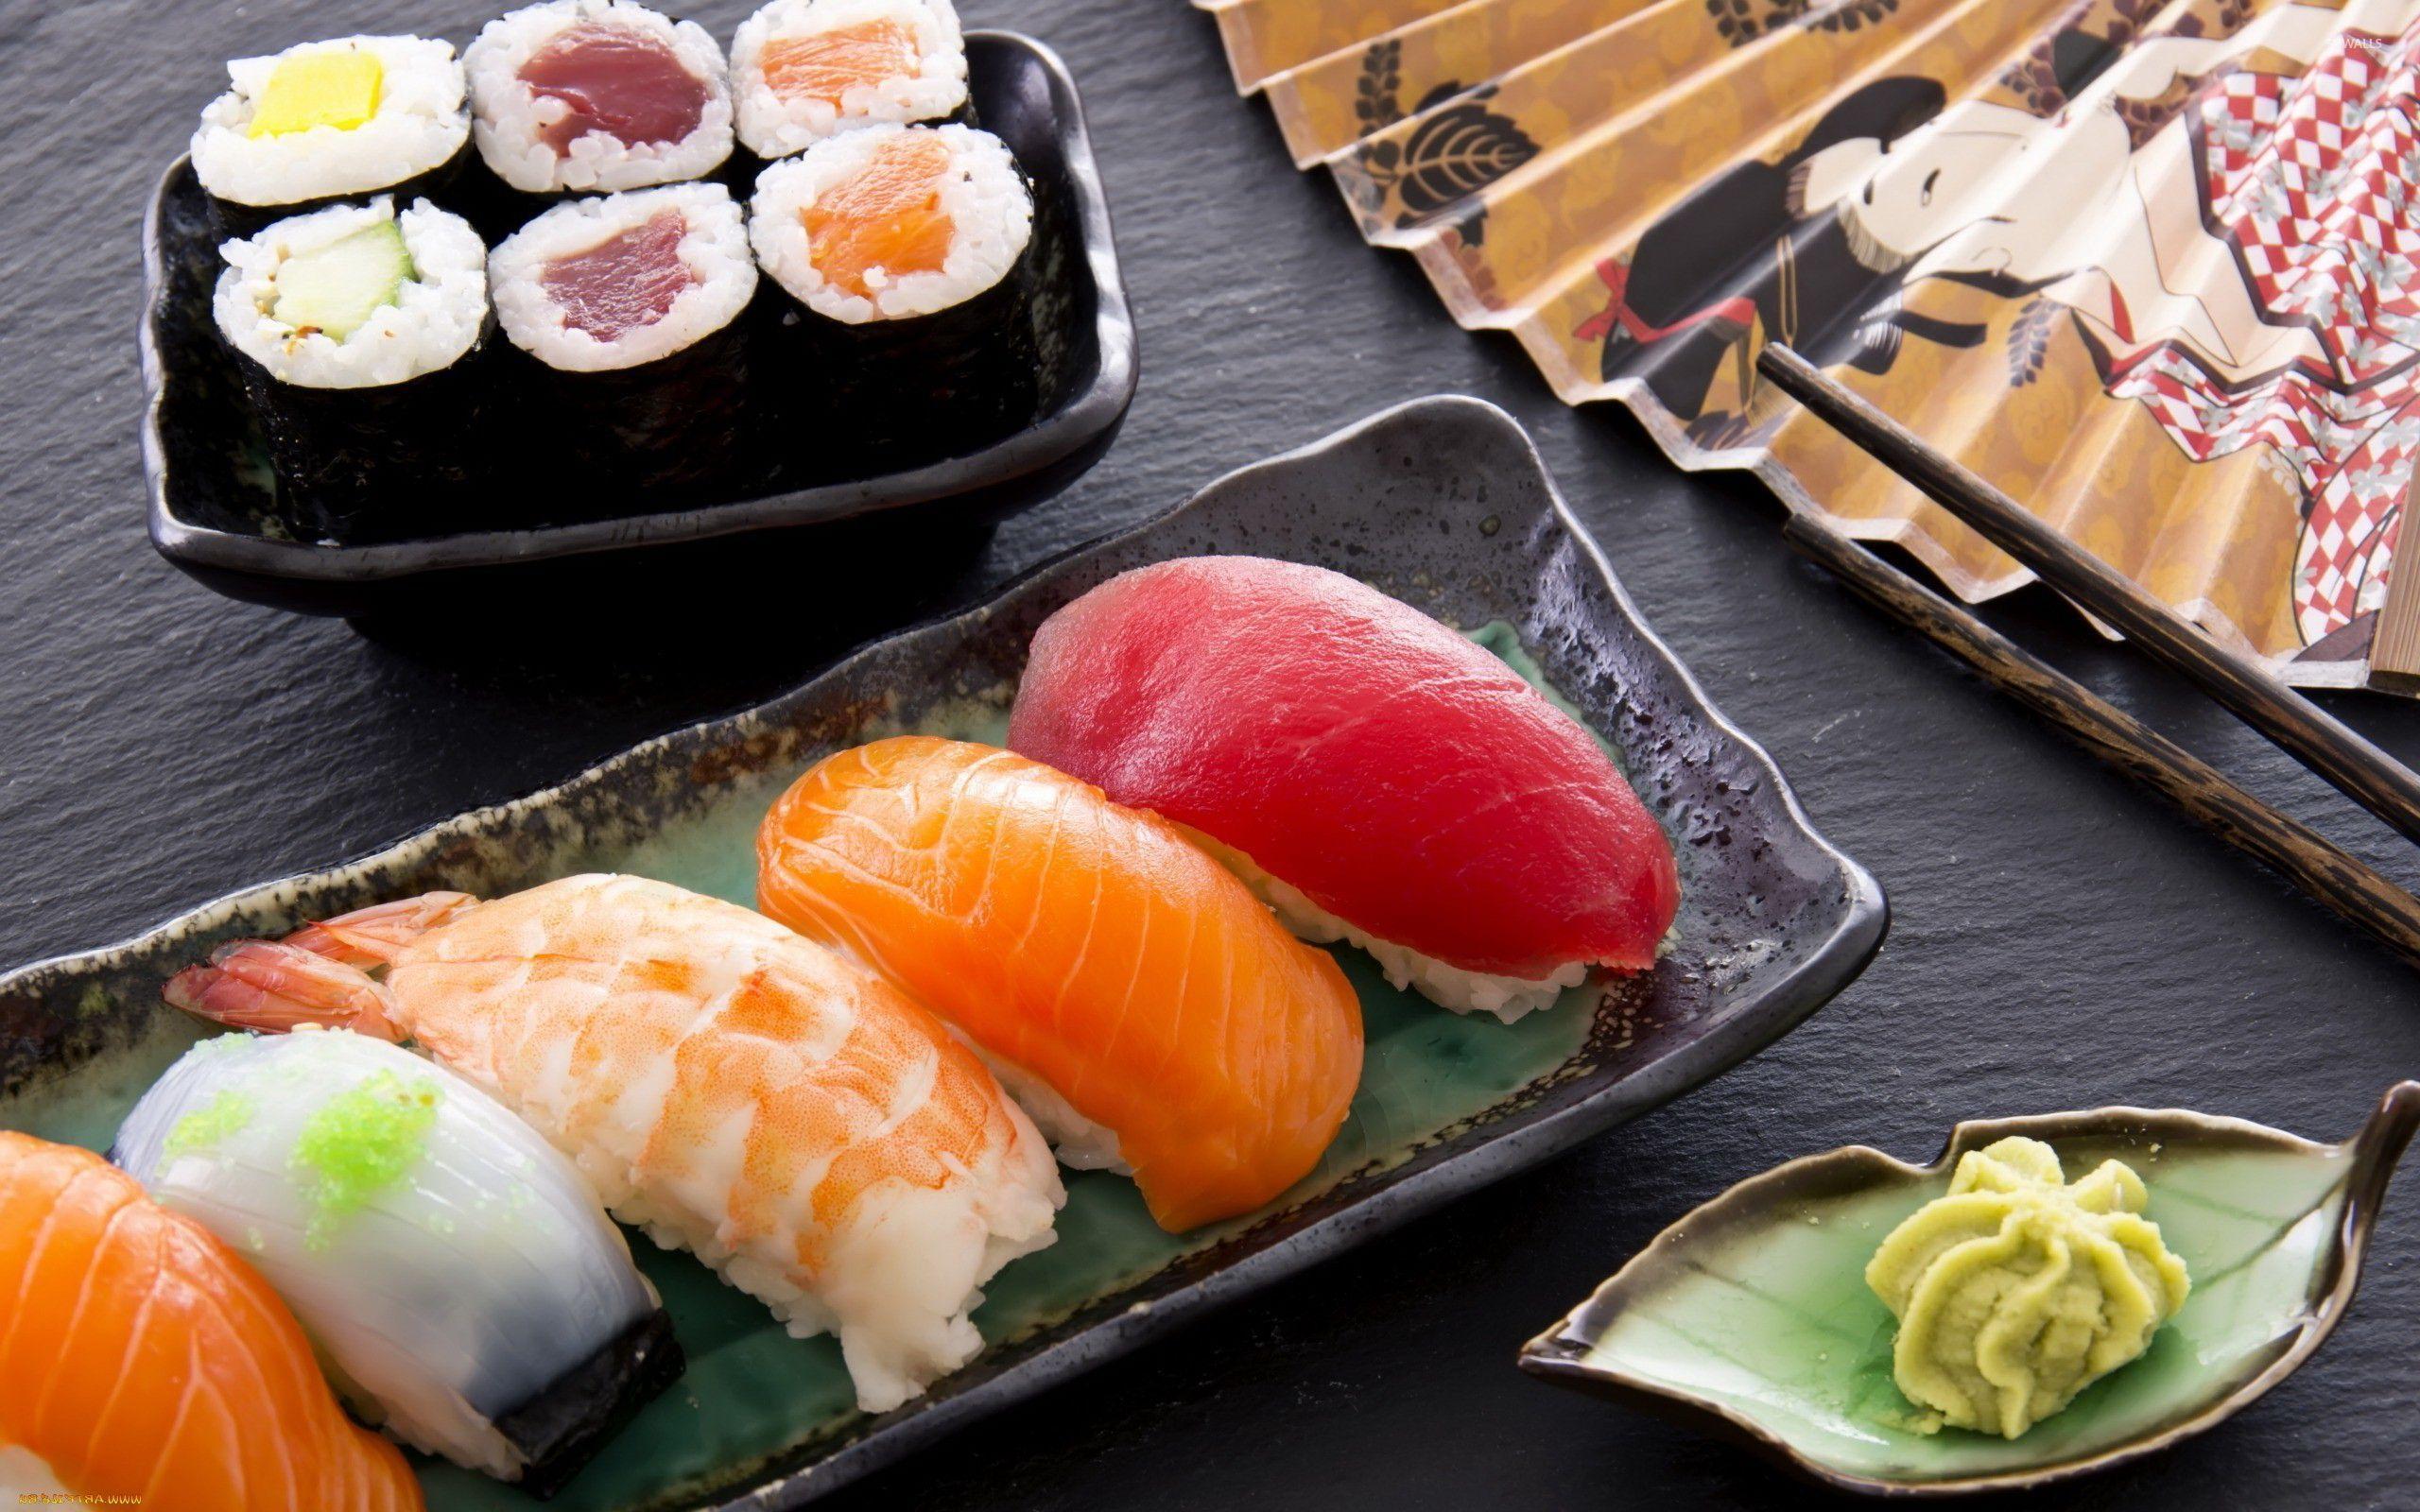 еда суши роллы вассаби япония без смс